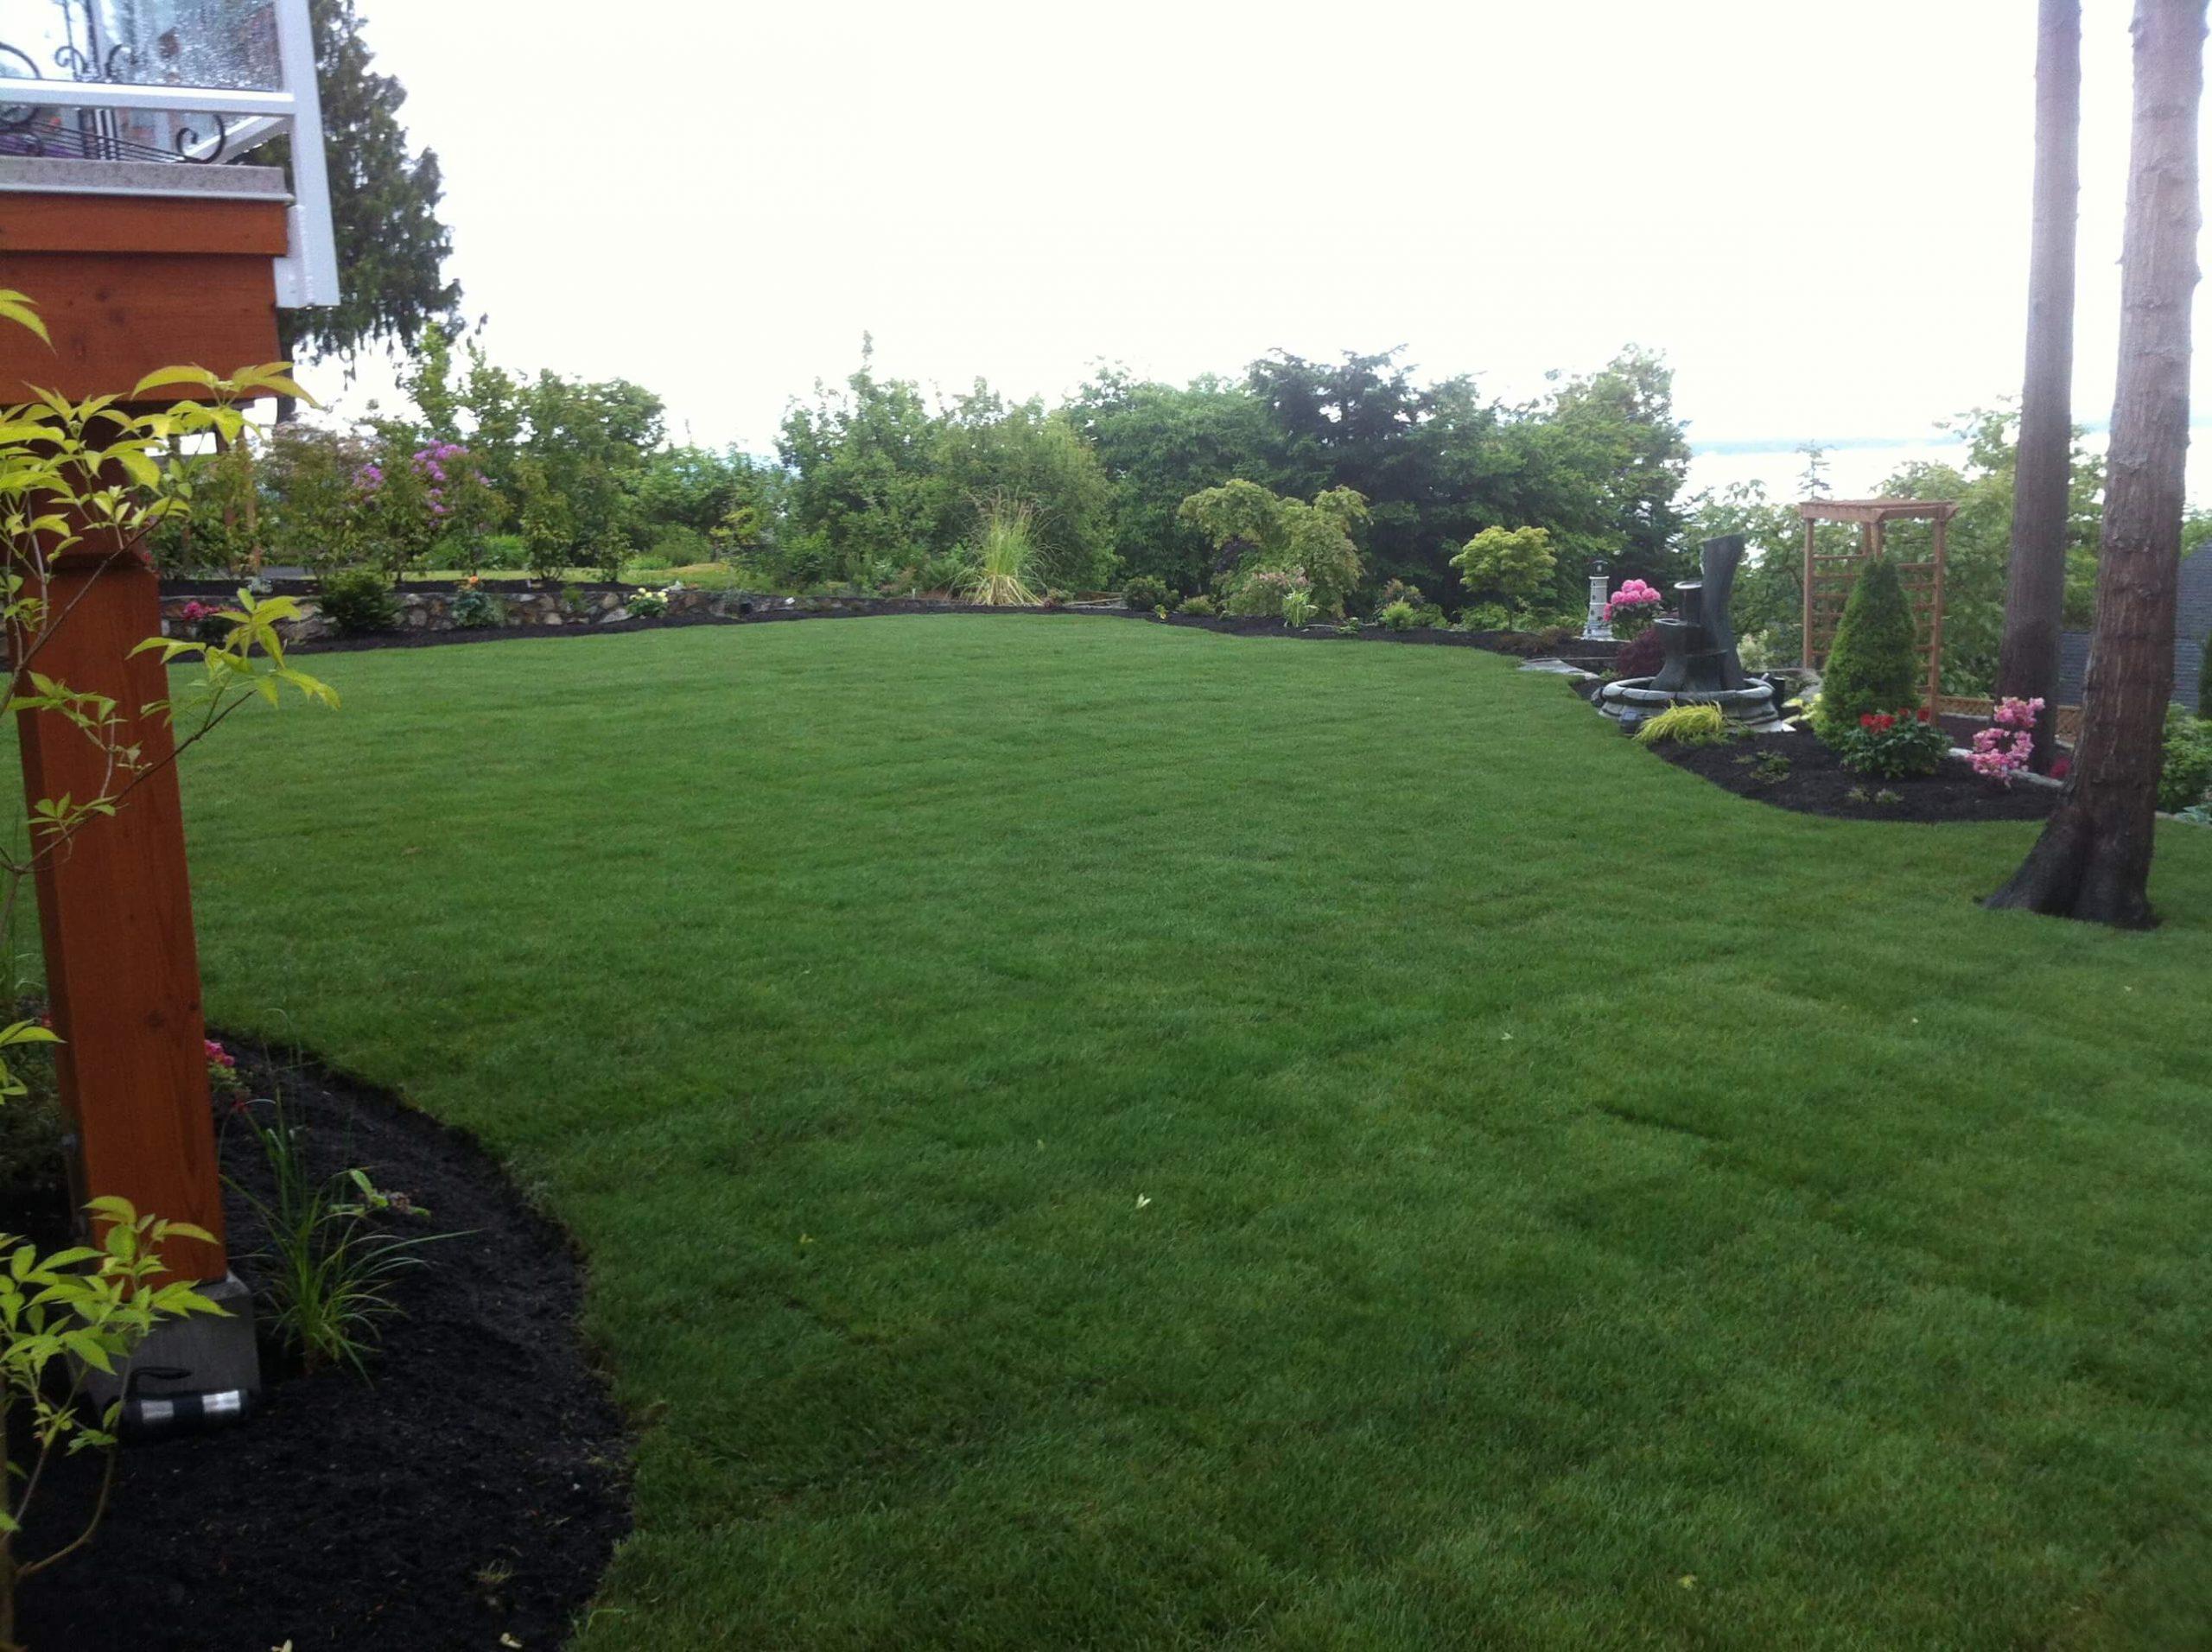 Victoria, BC Lawn Care Company